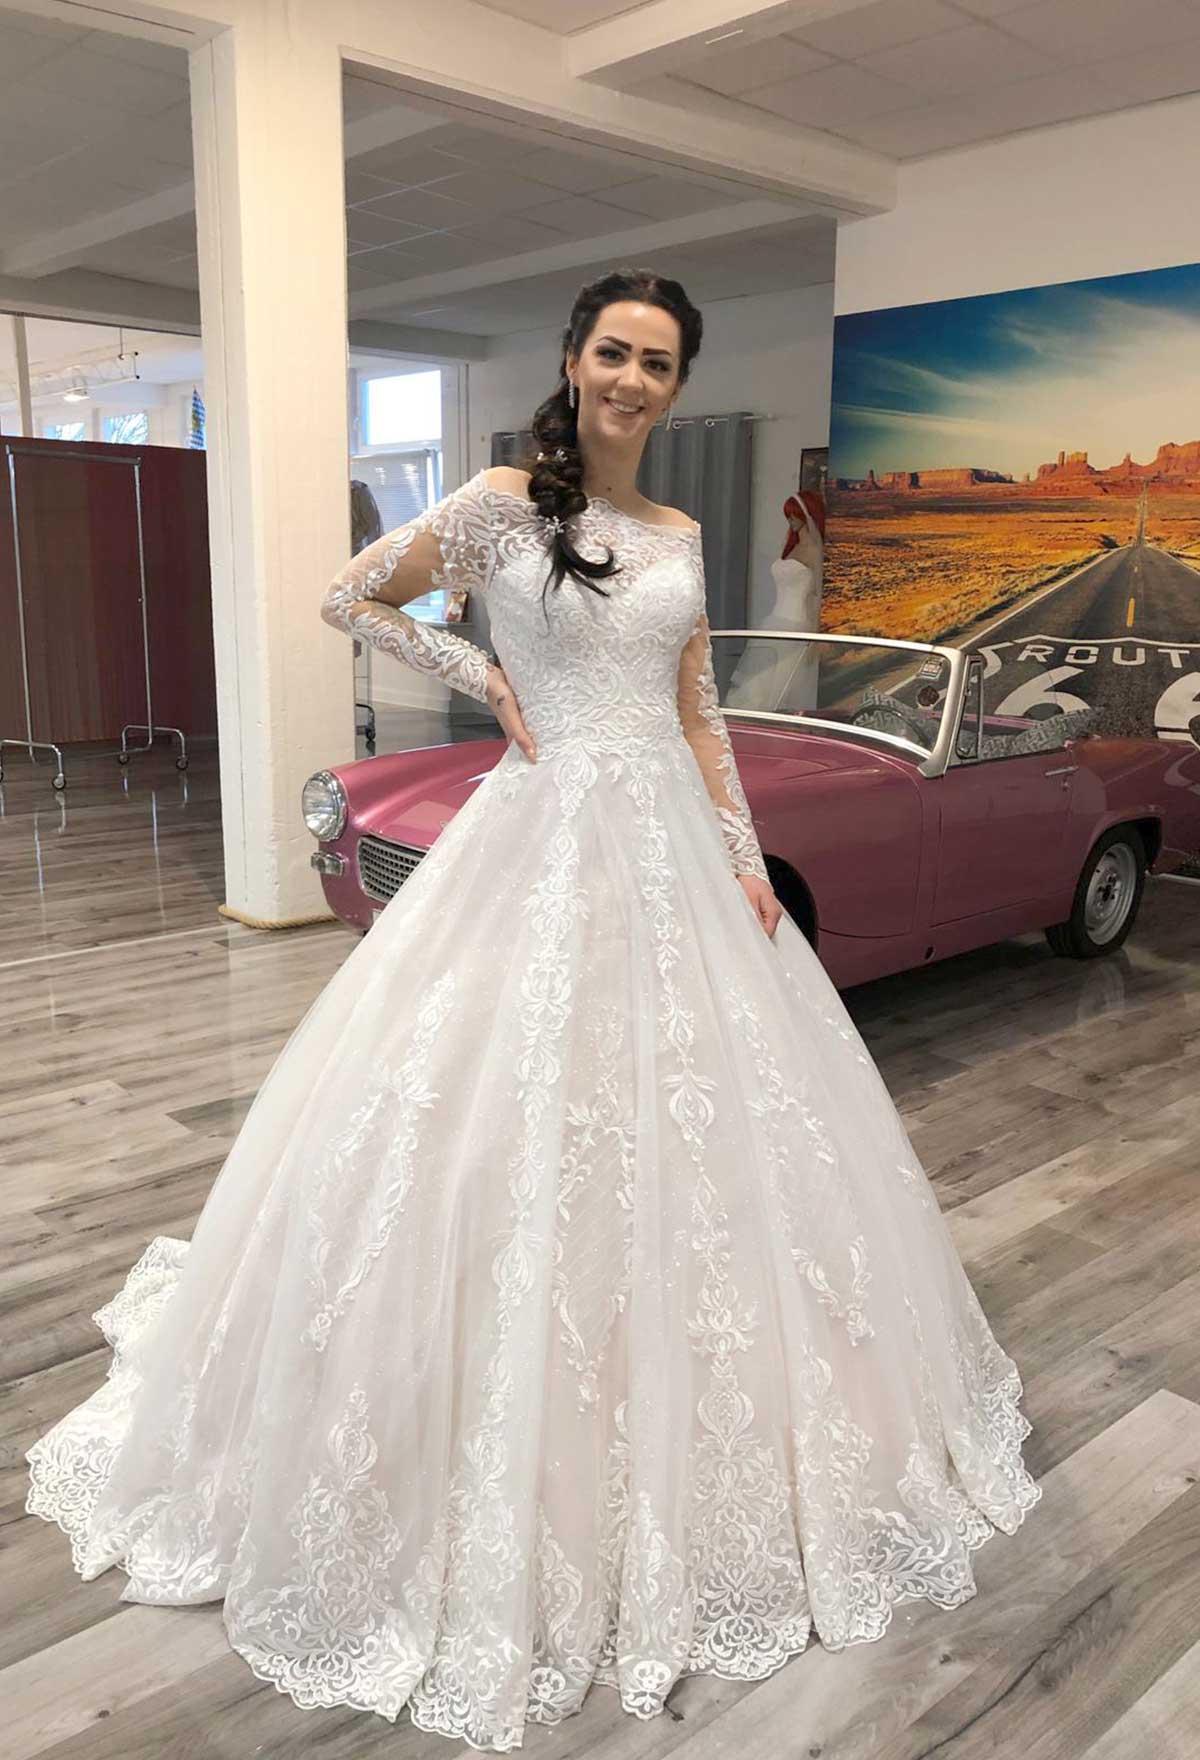 Brautstudio Offenborn - Hochzeitskleid schulterfrei mit langen Ärmeln